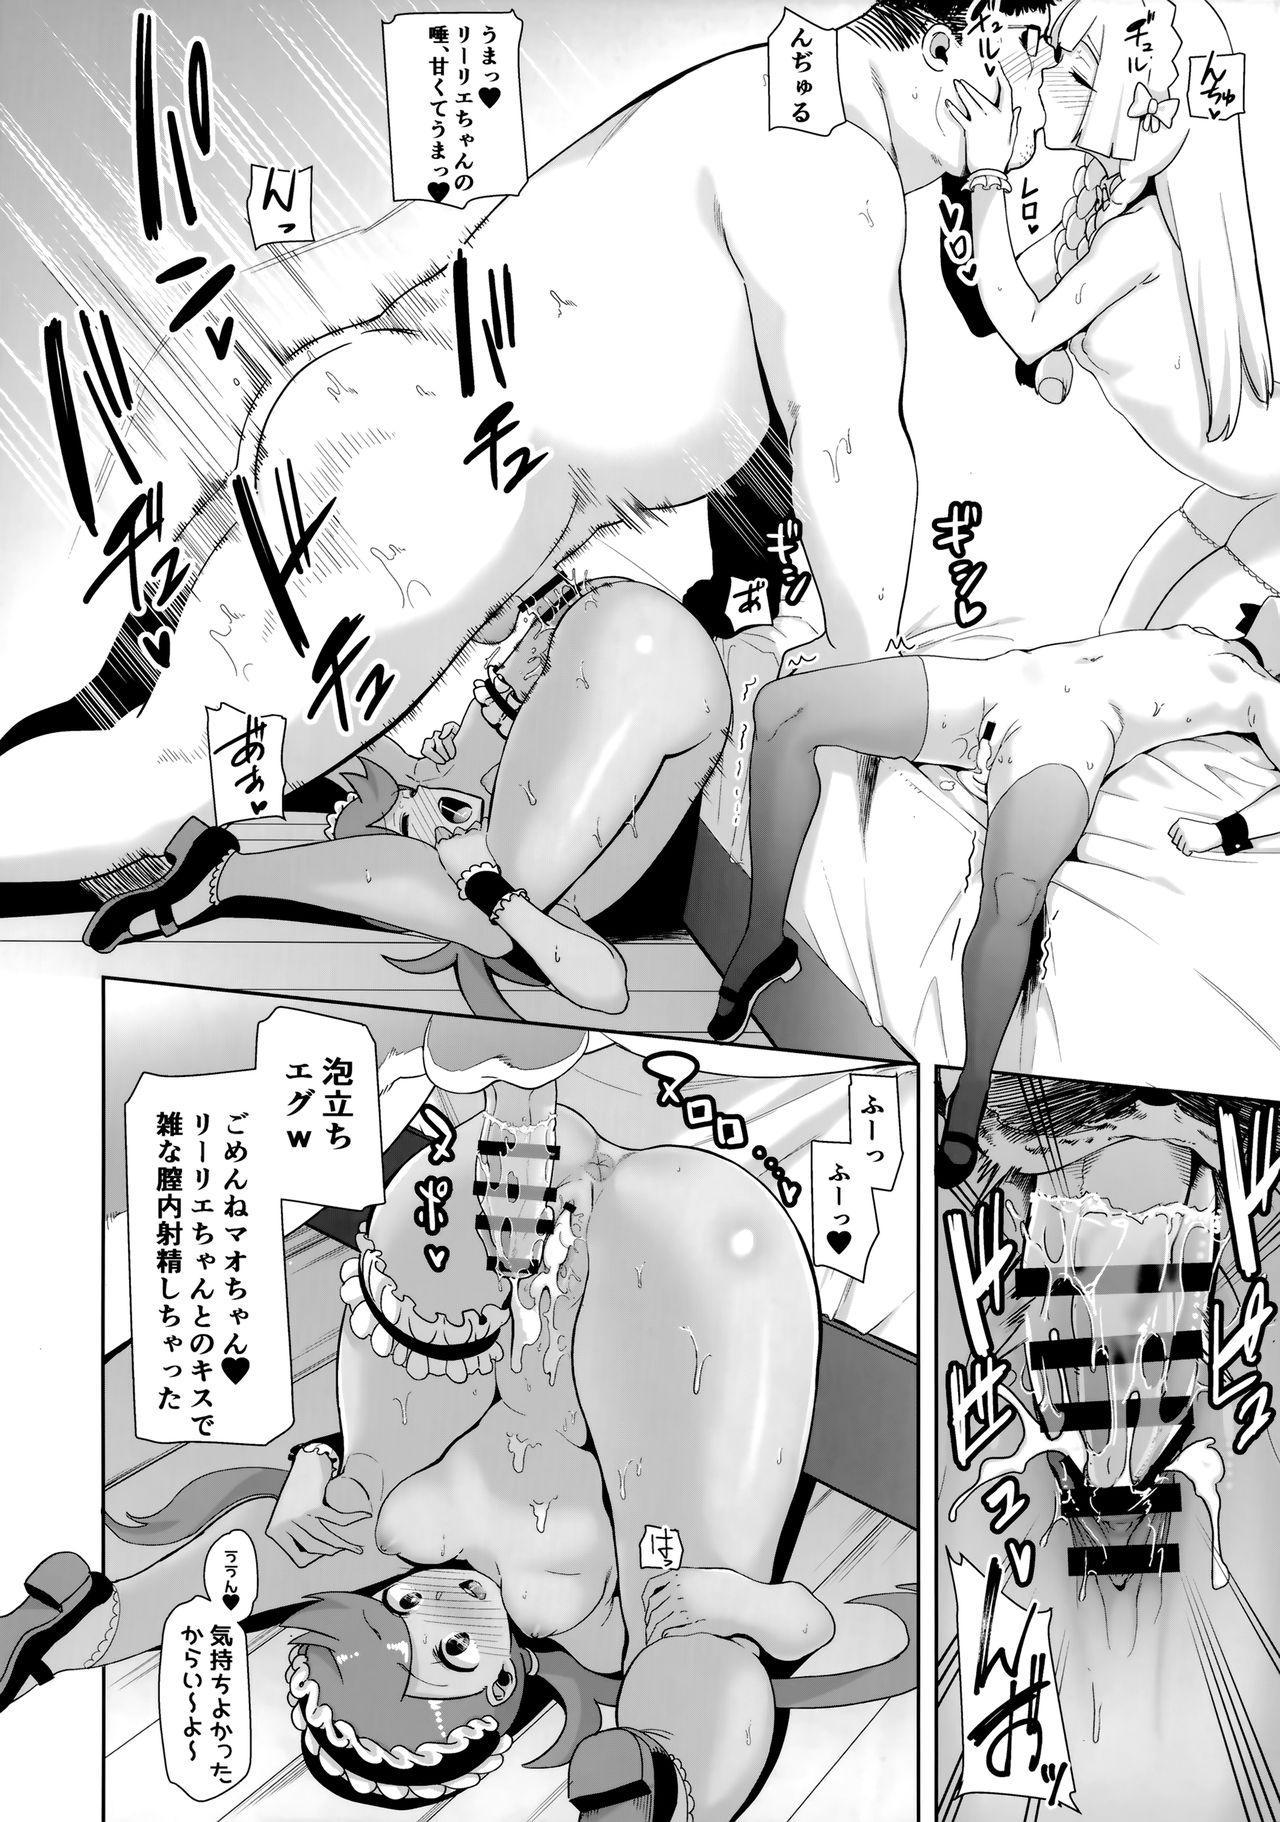 Alola no Yoru no Sugata 5 16